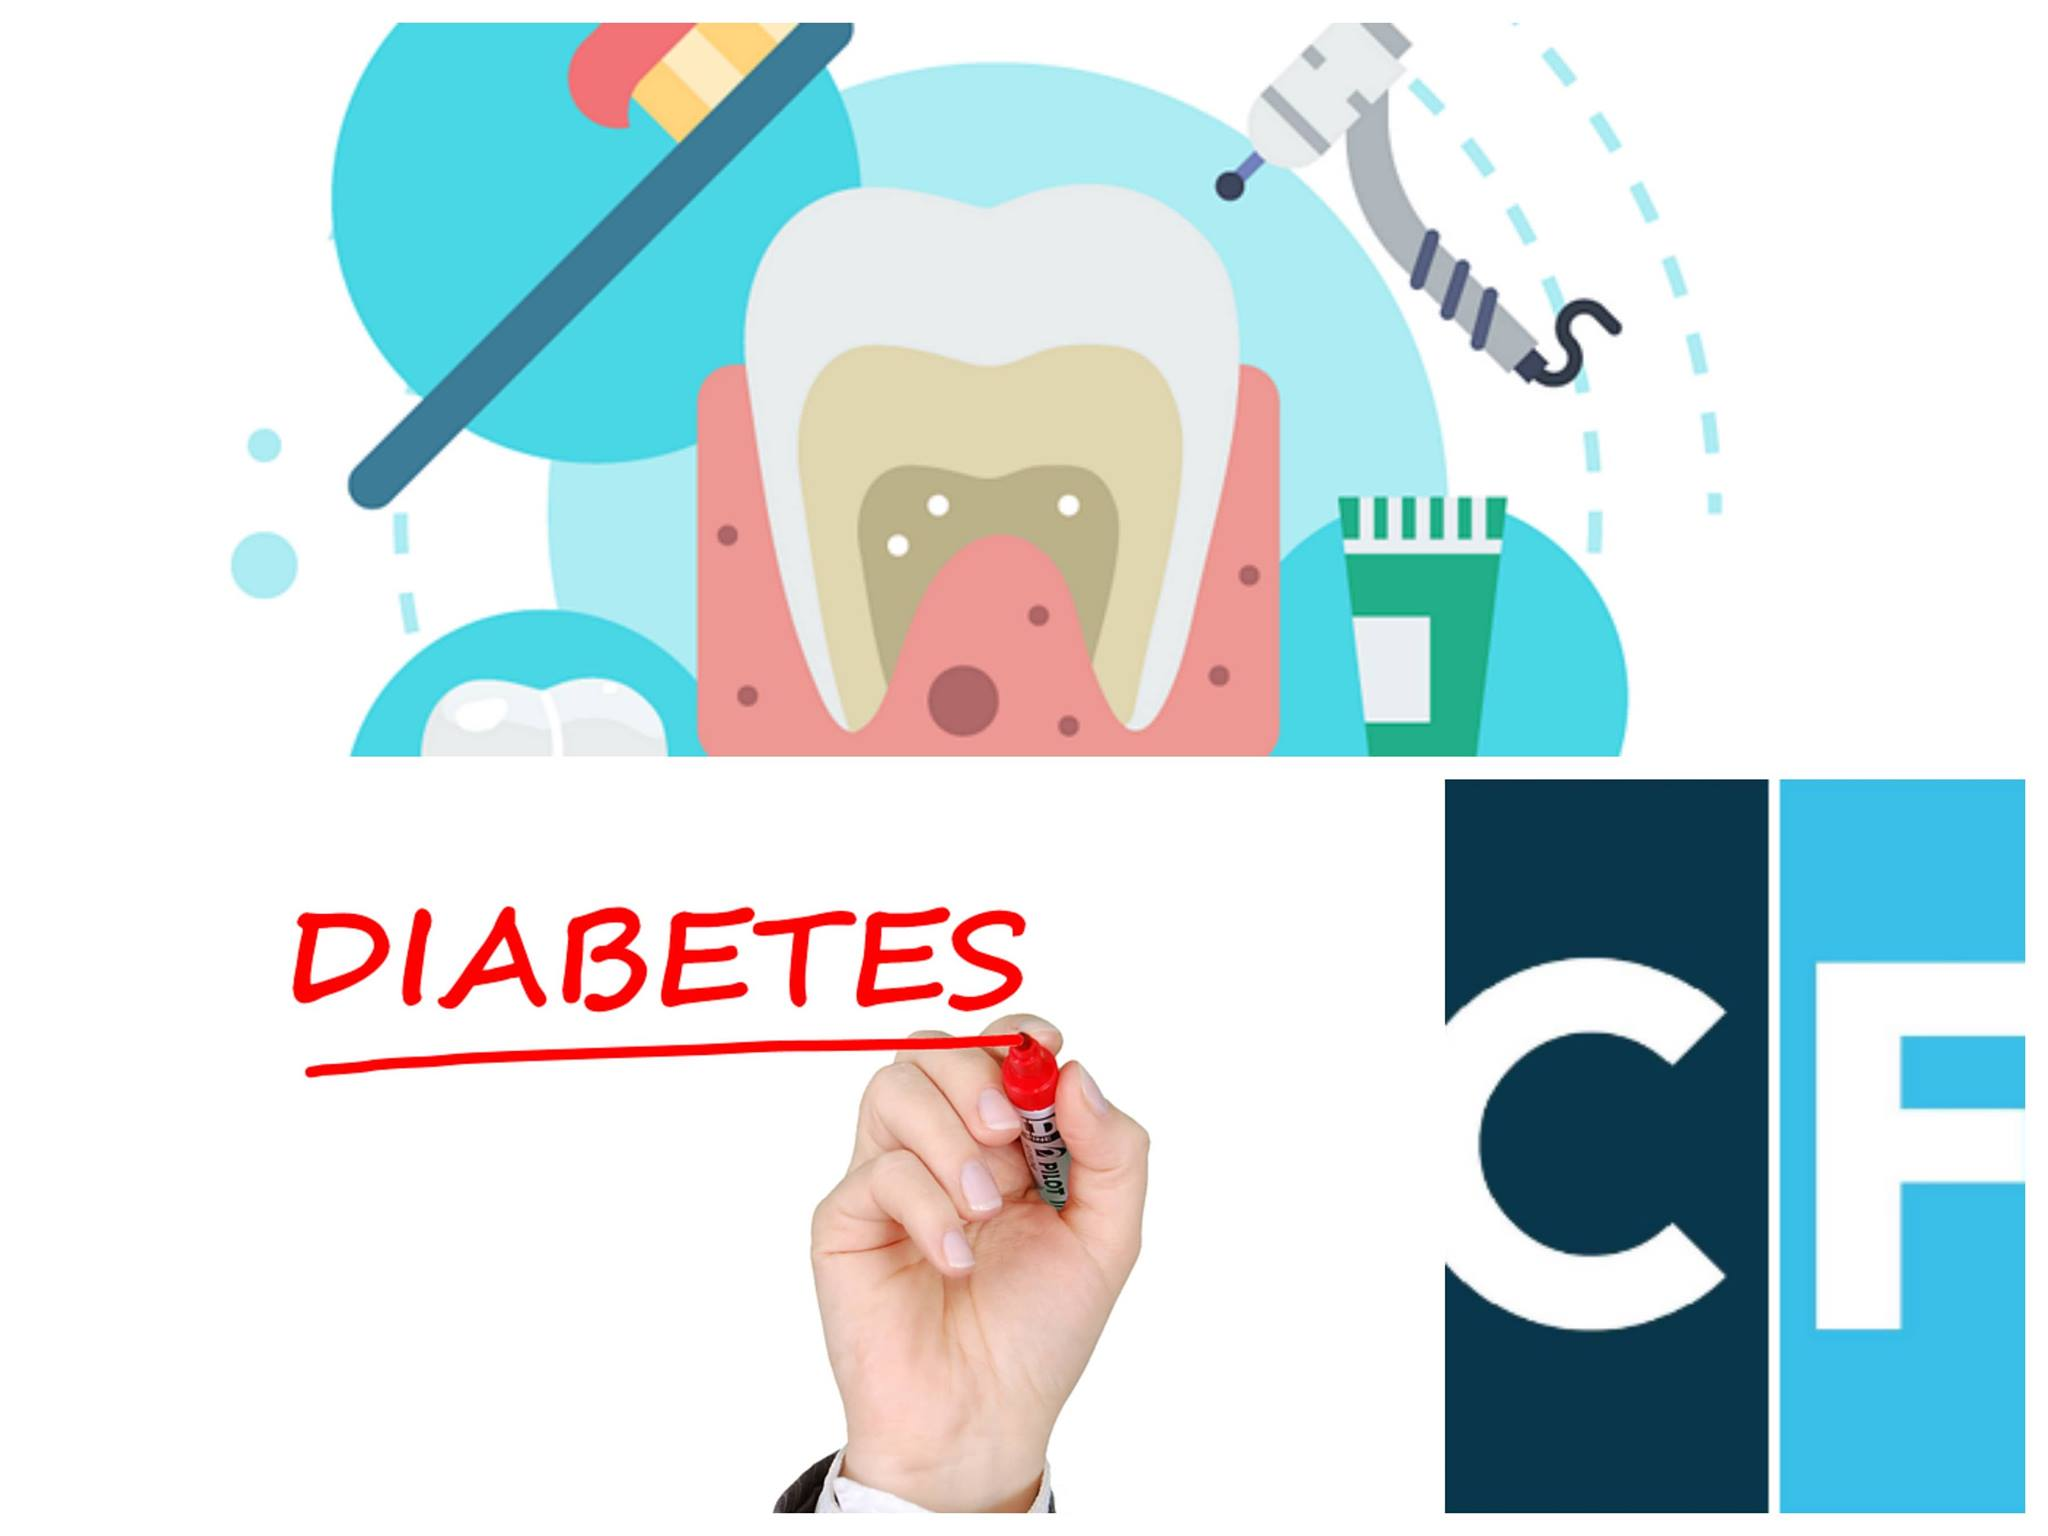 Diabete, controllo della glicemia e igiene orale